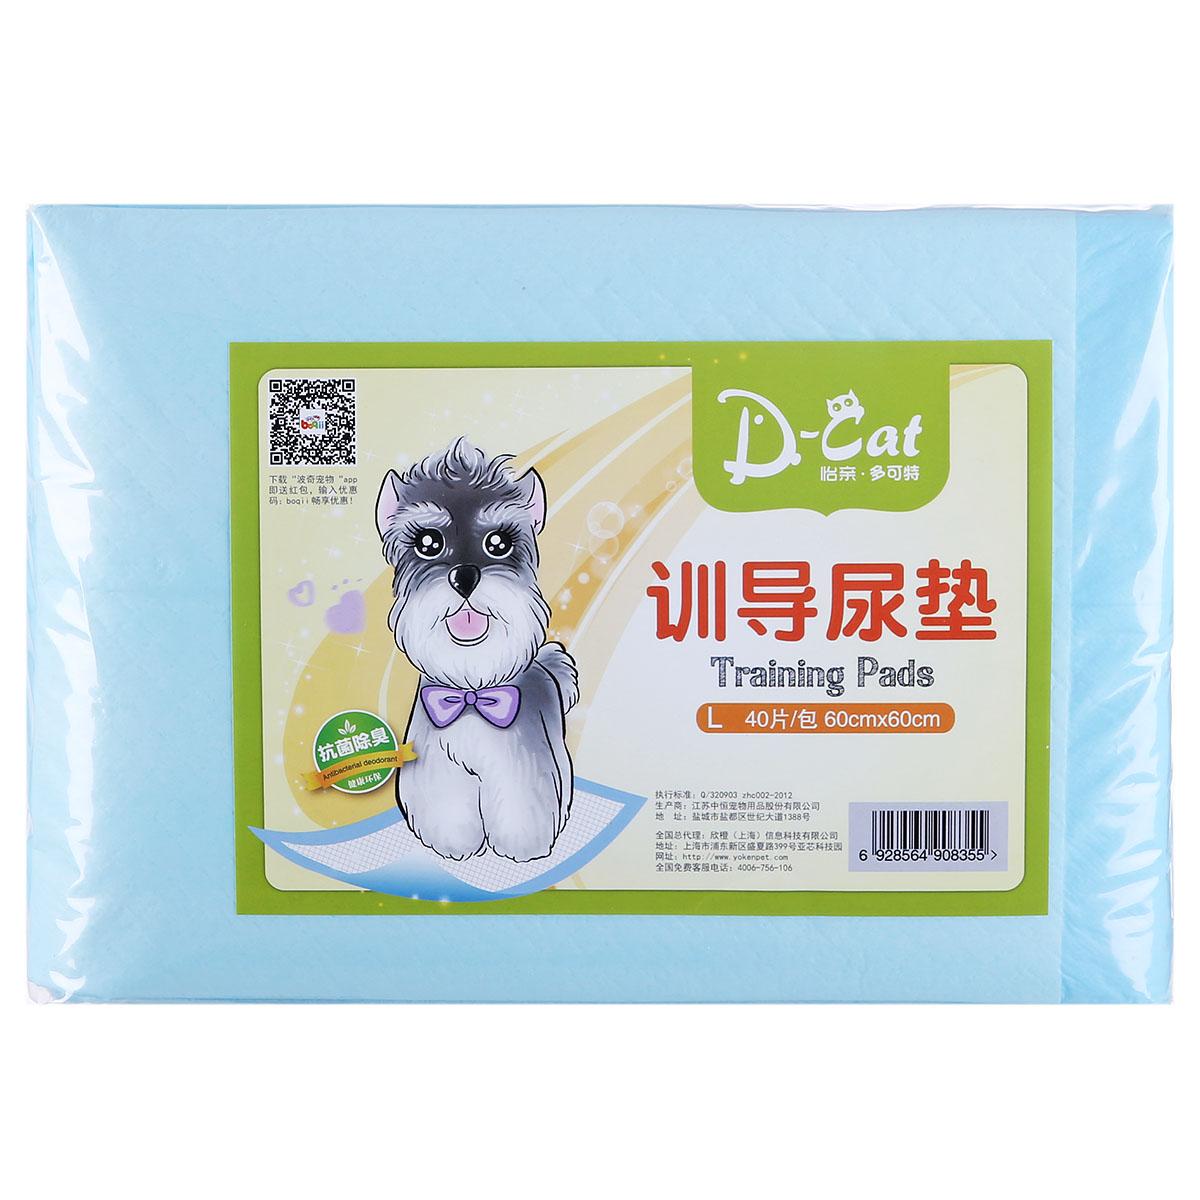 波奇網寵物狗狗尿片加厚100片除臭尿不濕兔子尿墊貓紙尿布包郵